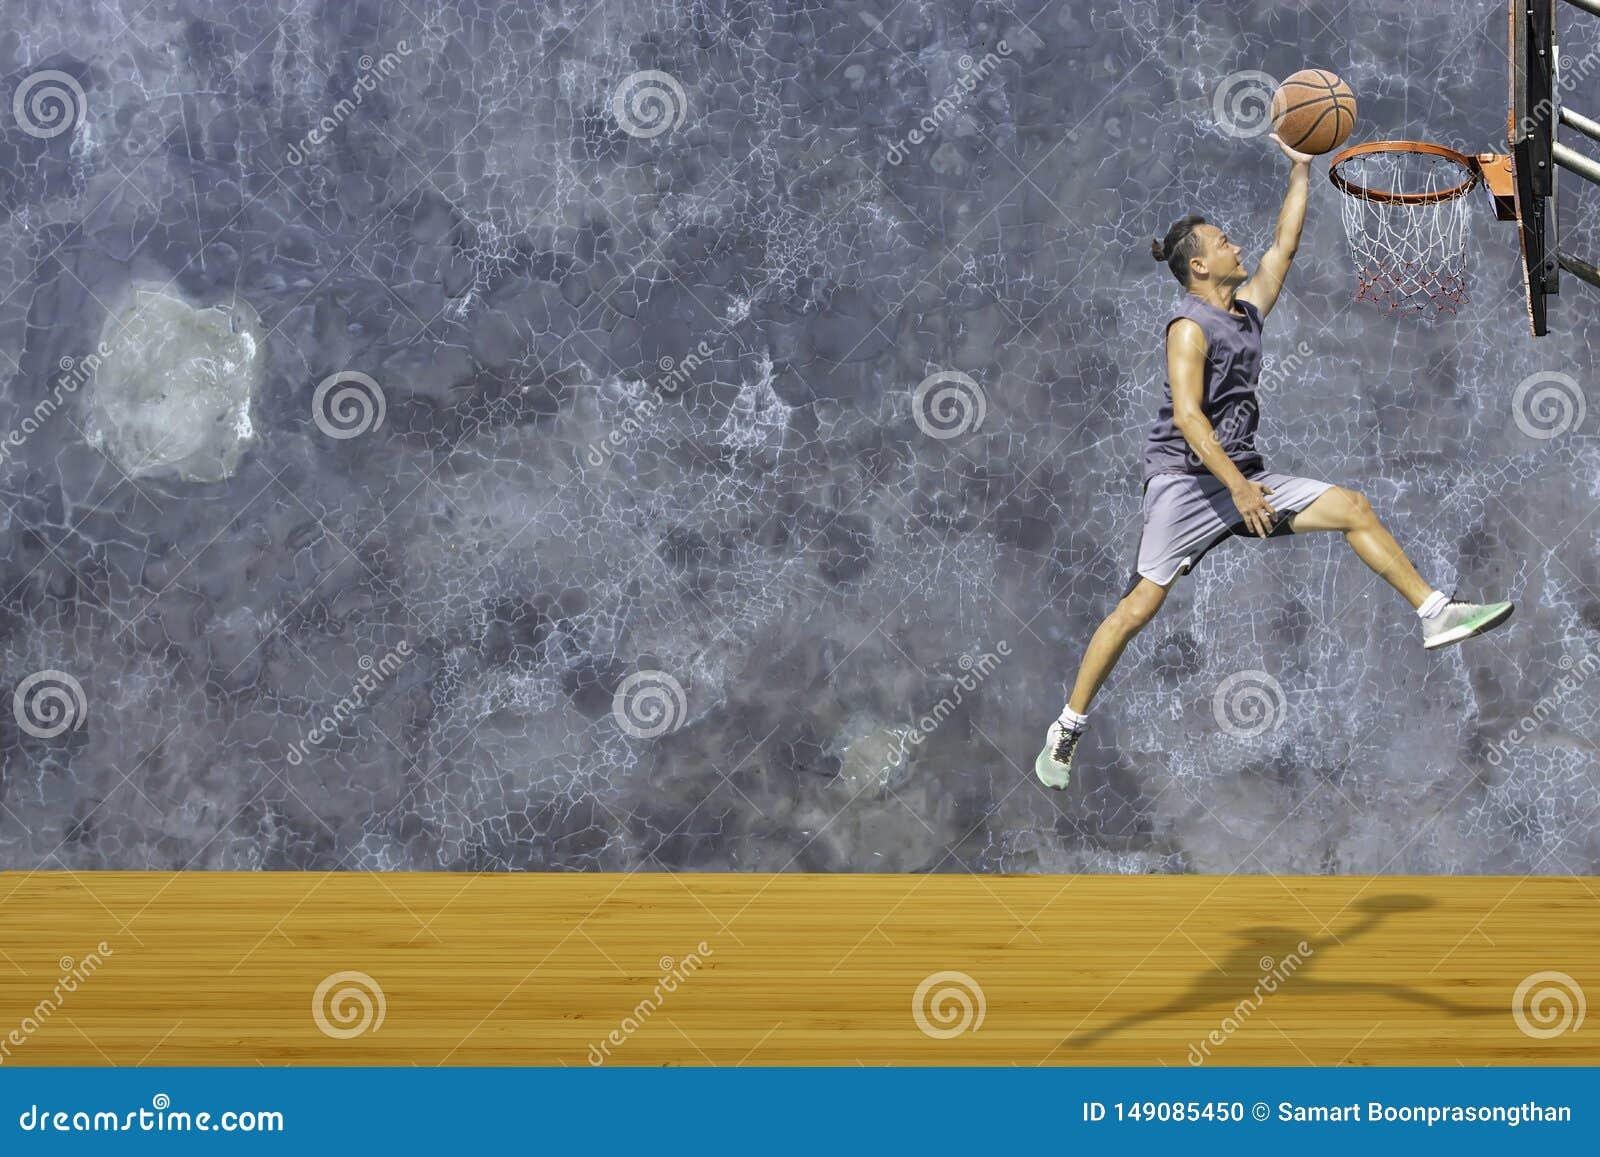 Tiro de salto del hombre disponible del baloncesto un aro de baloncesto en el desv?n de madera de la pared del yeso del fondo del